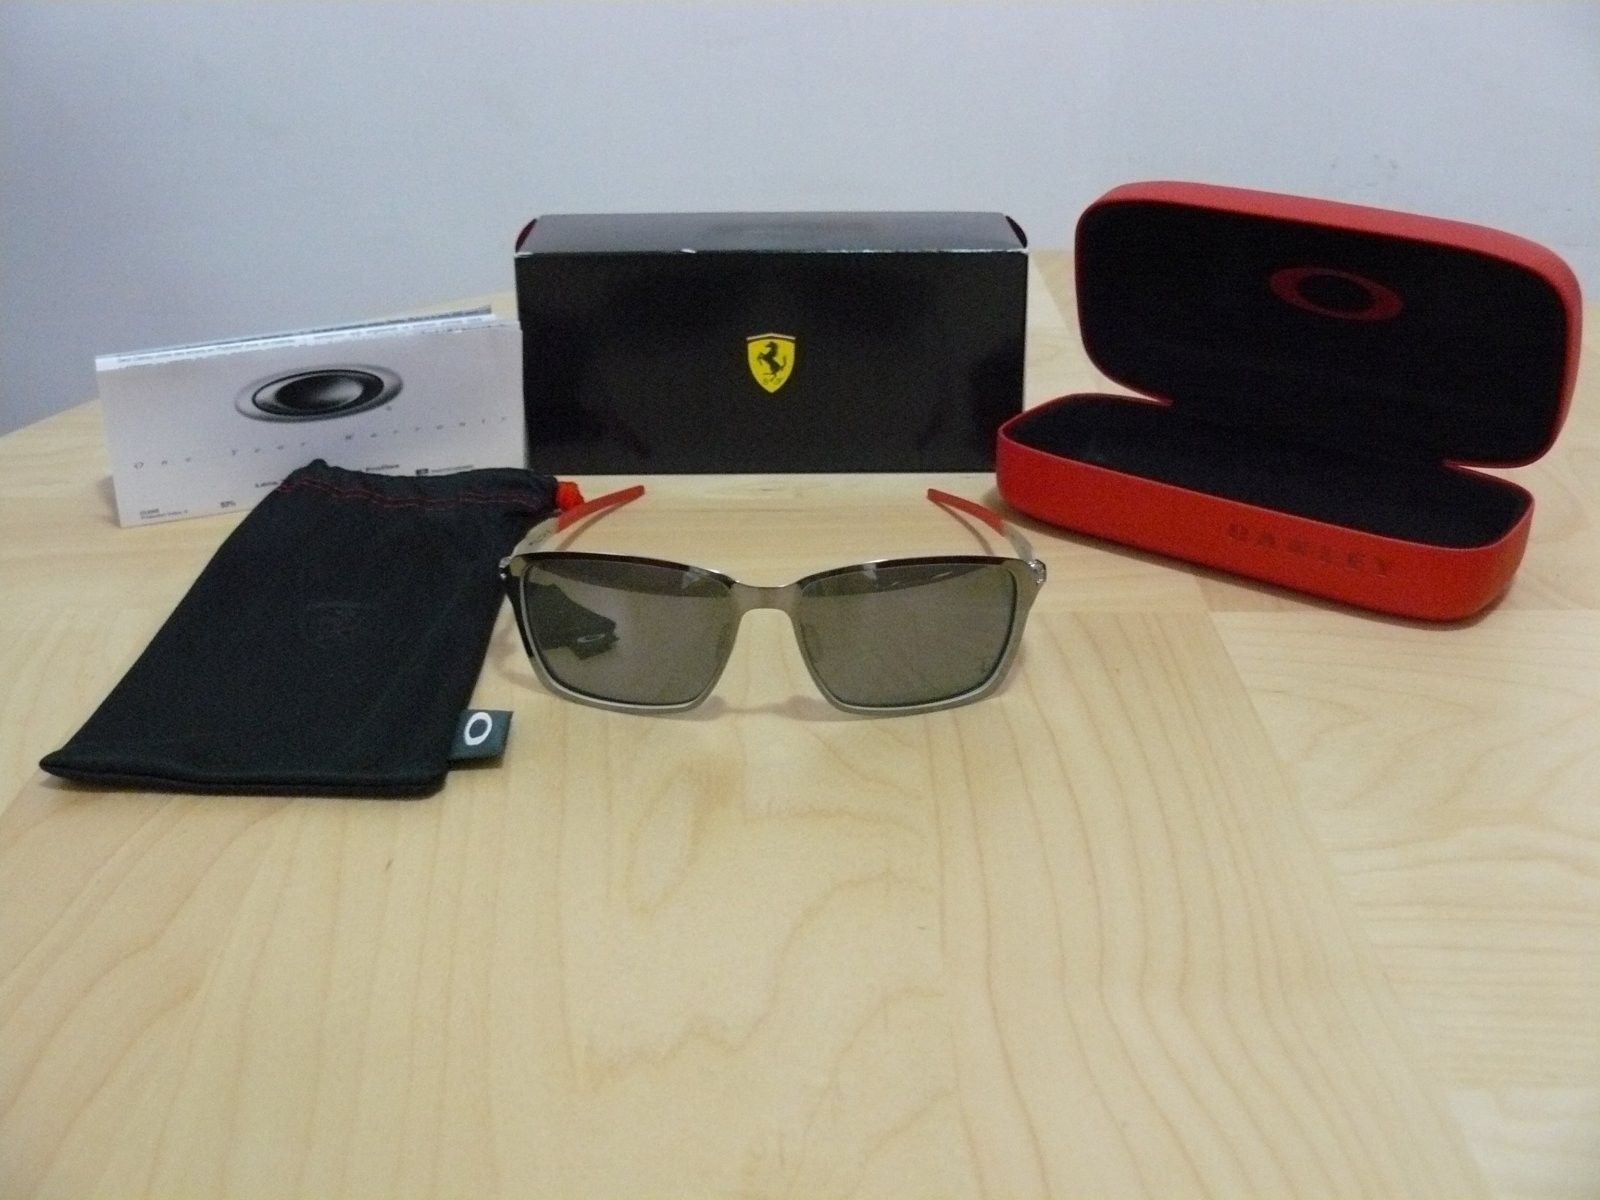 New Oakley Ferrari Tincan Sunglasses - Ferrari Tincan.JPG